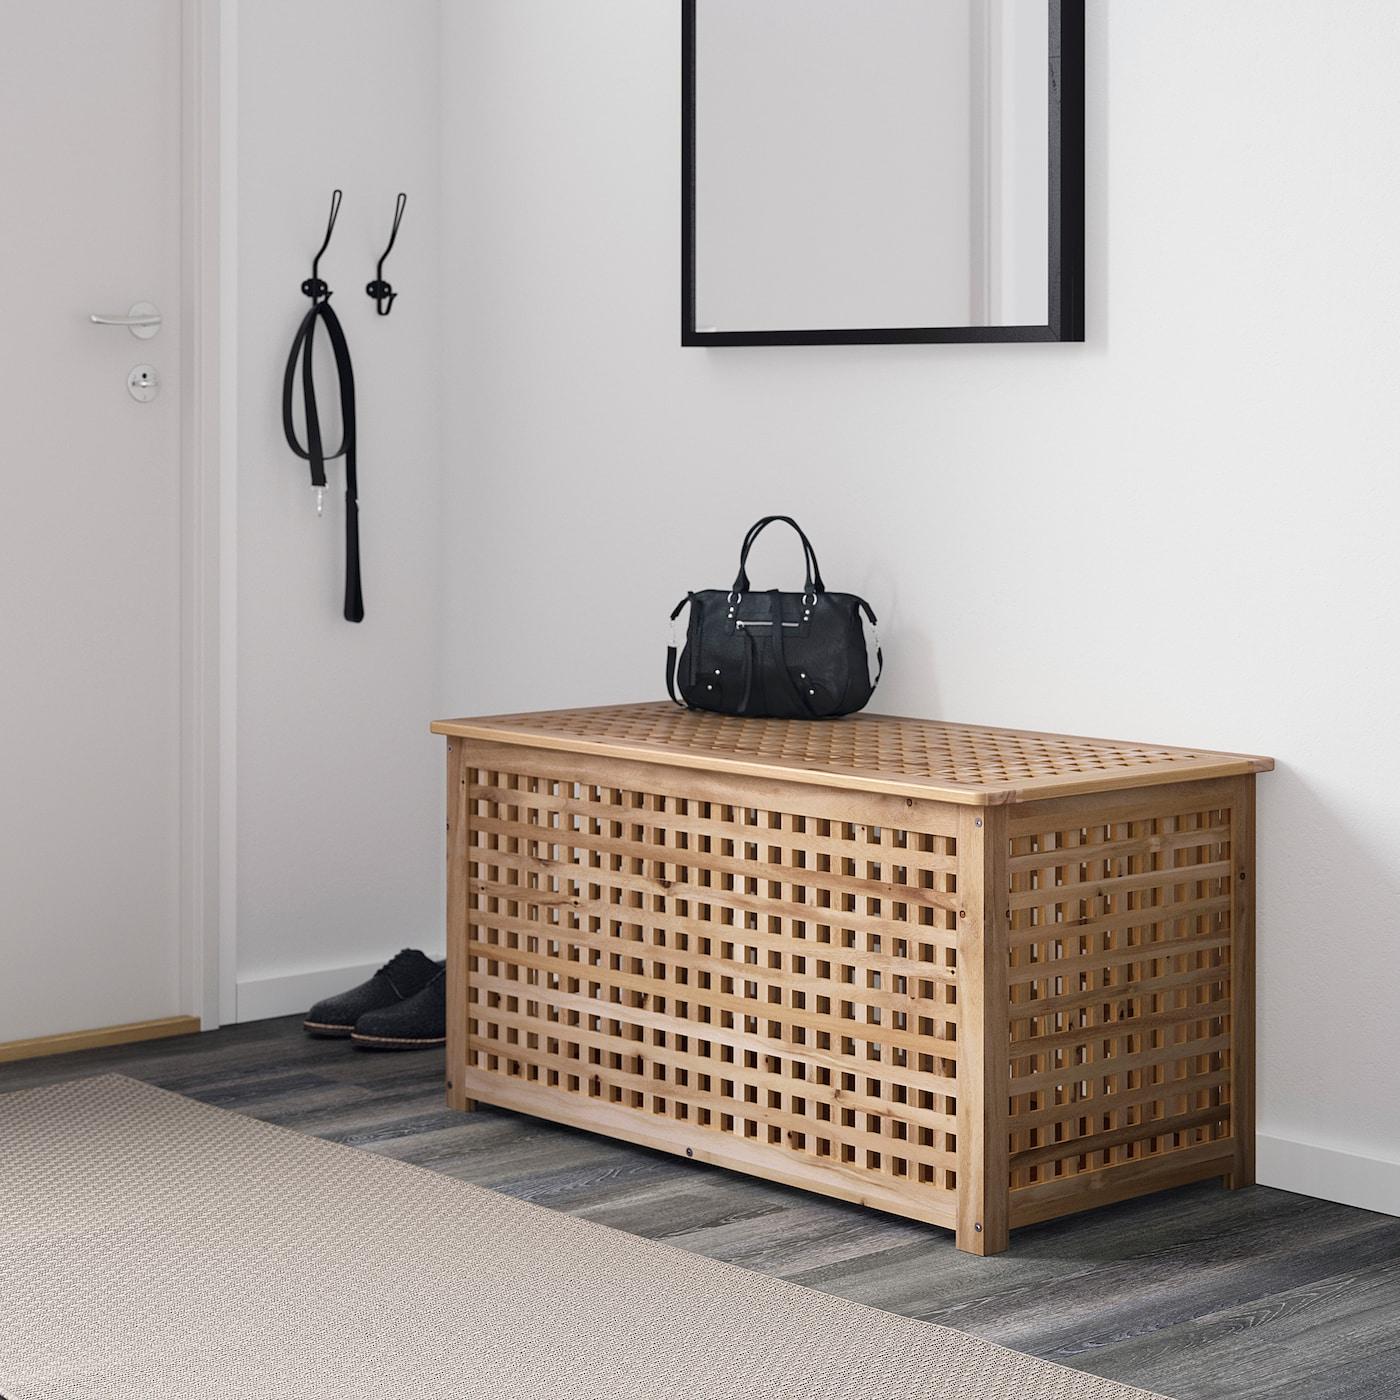 Hol Table De Rangement - Acacia 98X50 Cm intérieur Banc De Jardin Ikea